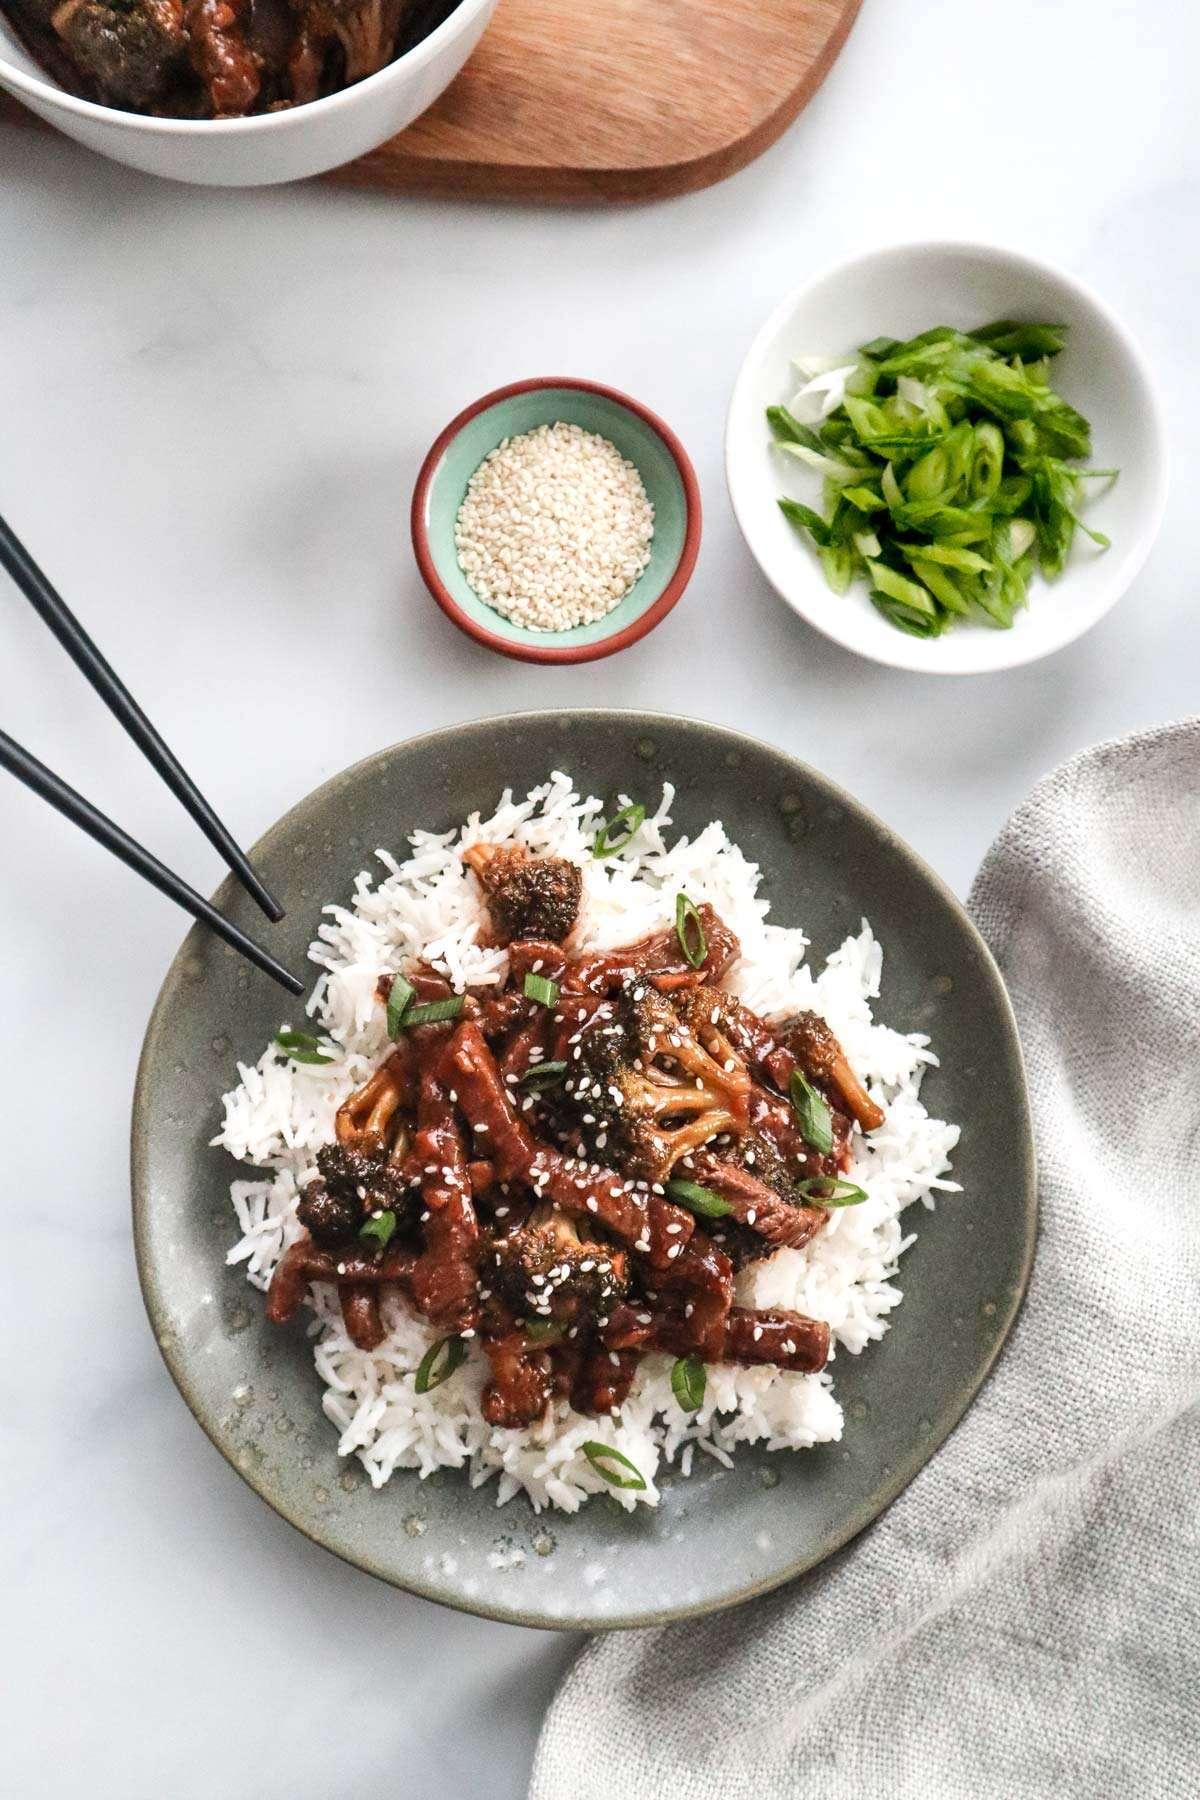 Recette de lunchs - Boeuf et brocoli teriyaki